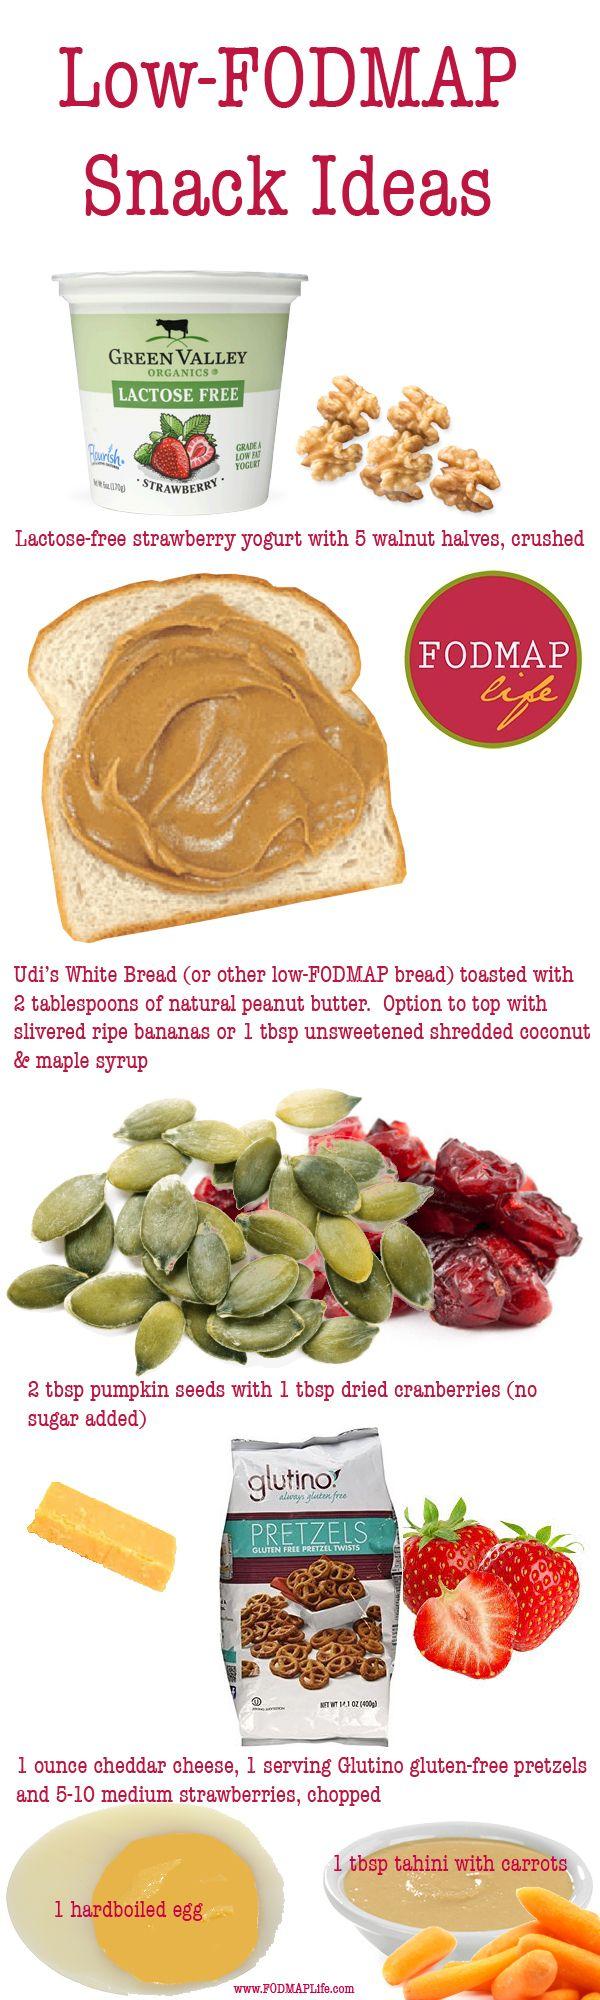 45 Low-FODMAP Snack Ideas from FODMAPLife - enjoy!